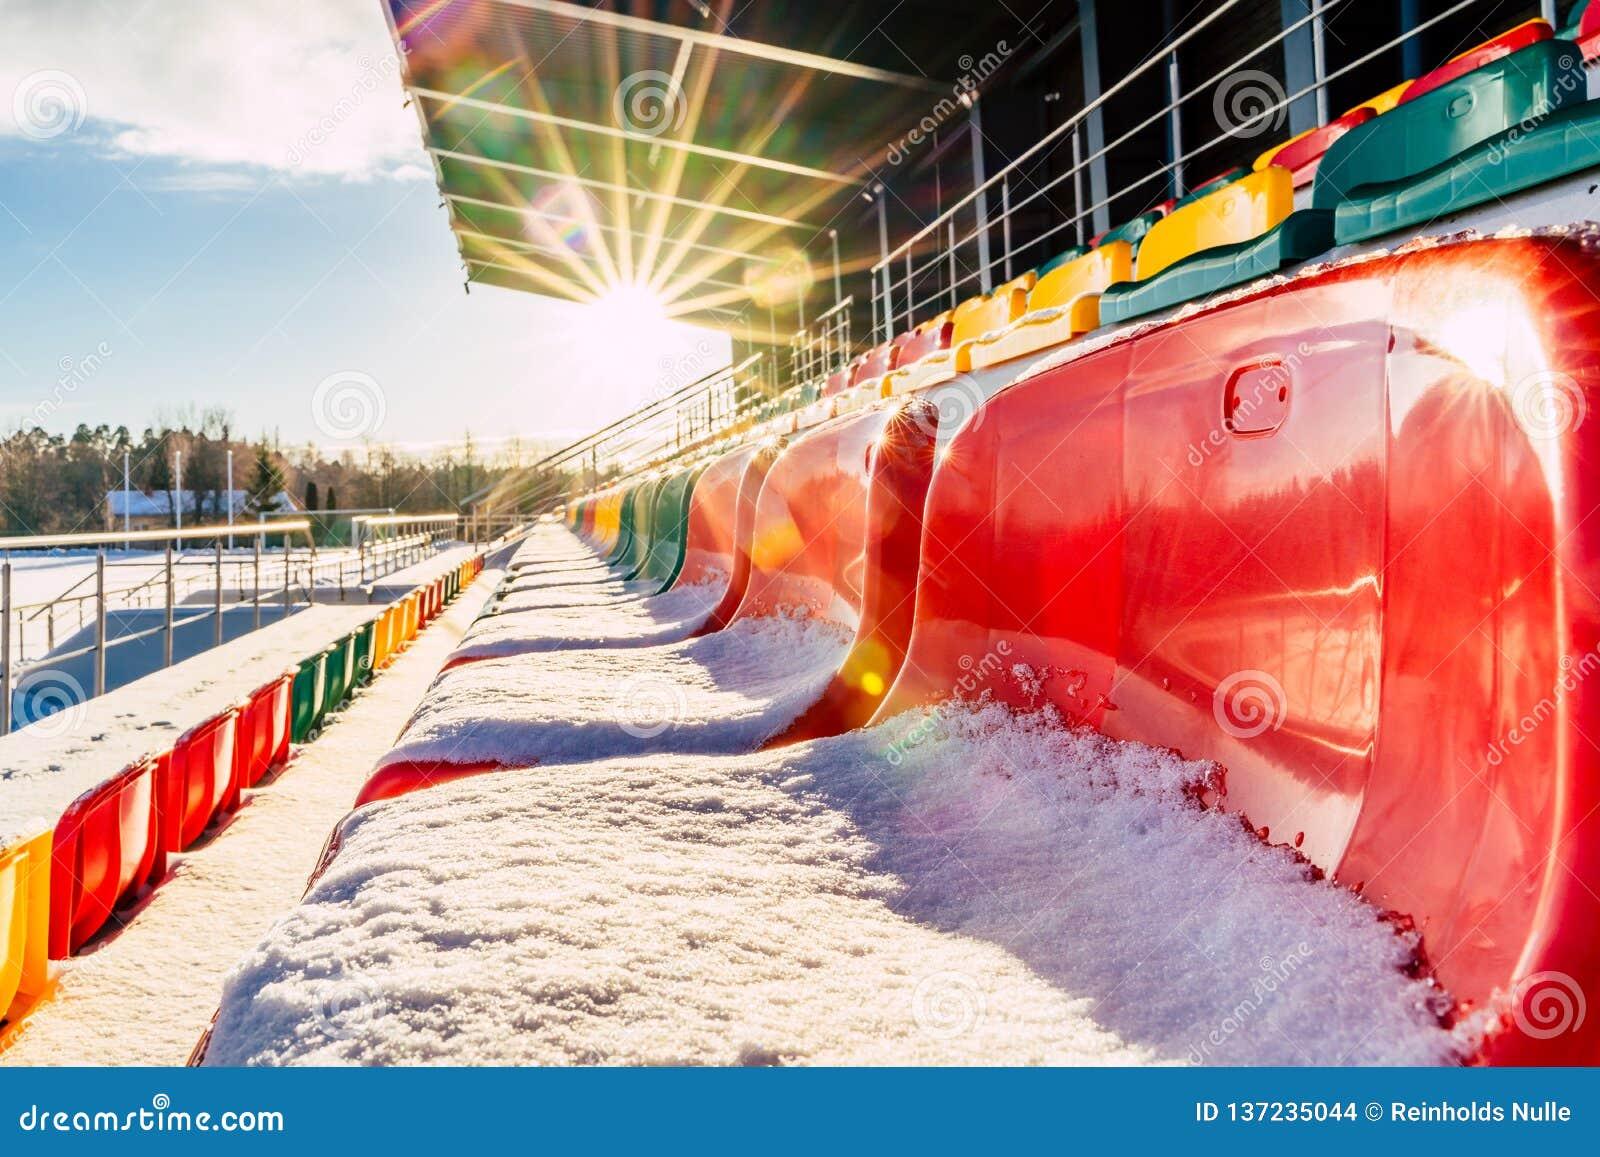 Calcio variopinto vuoto & x28; Soccer& x29; Sedili dello stadio nell inverno coperto in neve - Sunny Winter Day con il chiarore d